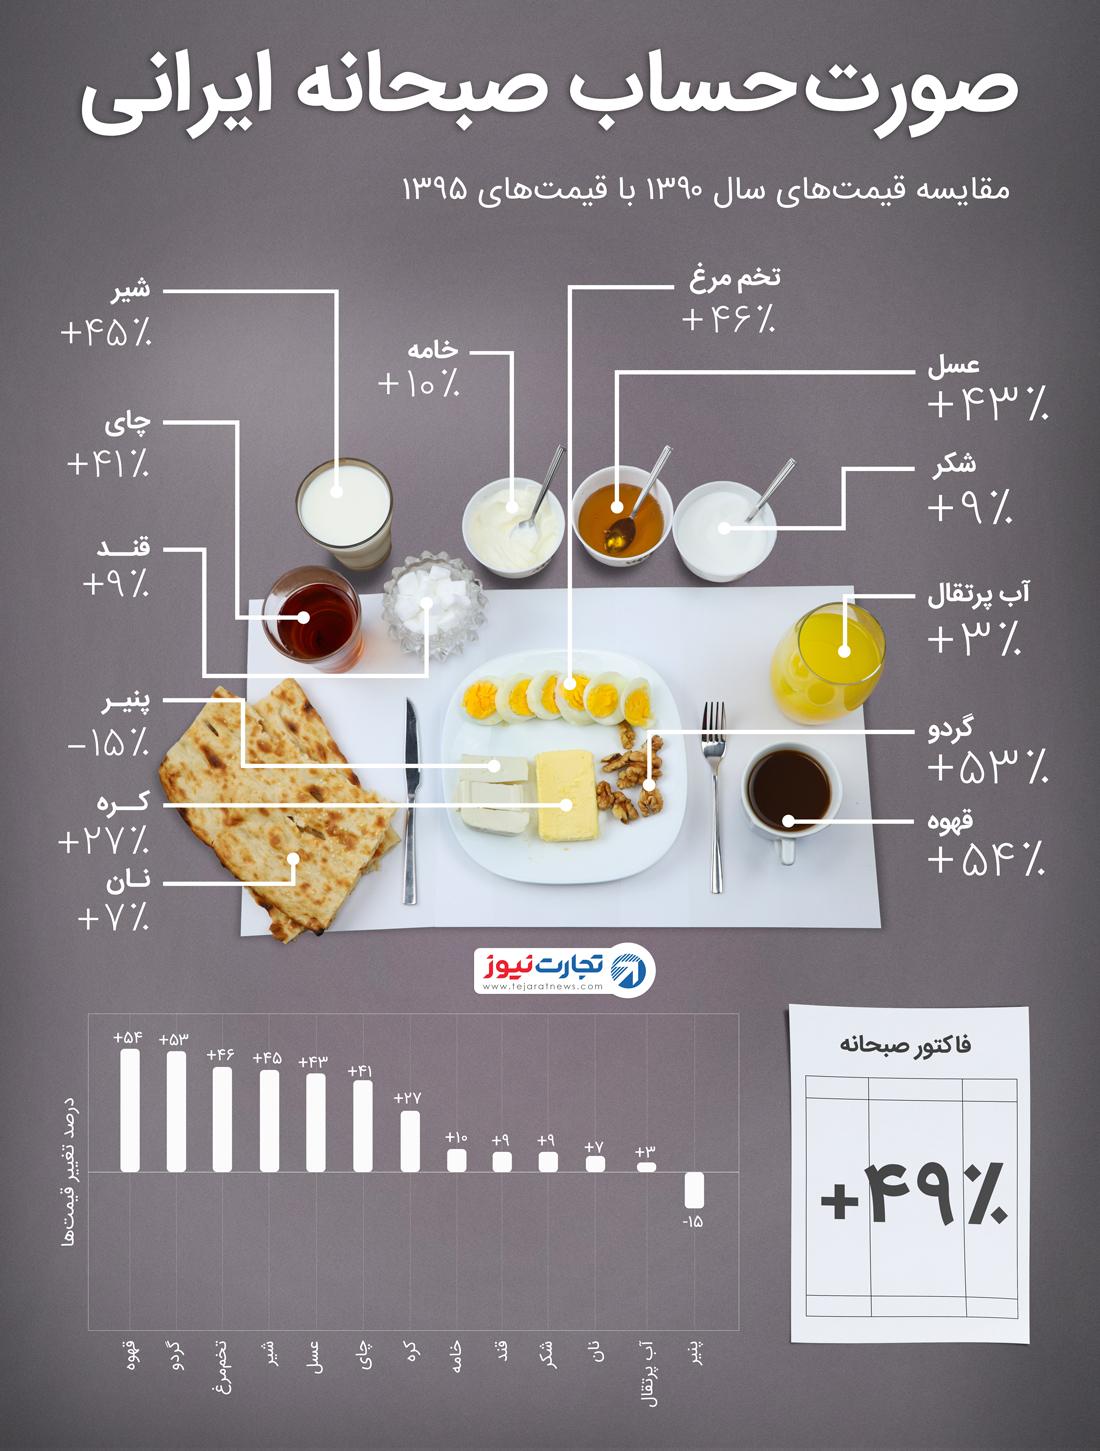 سفره صبحانه ایرانیها ۴۹ درصد آب رفت